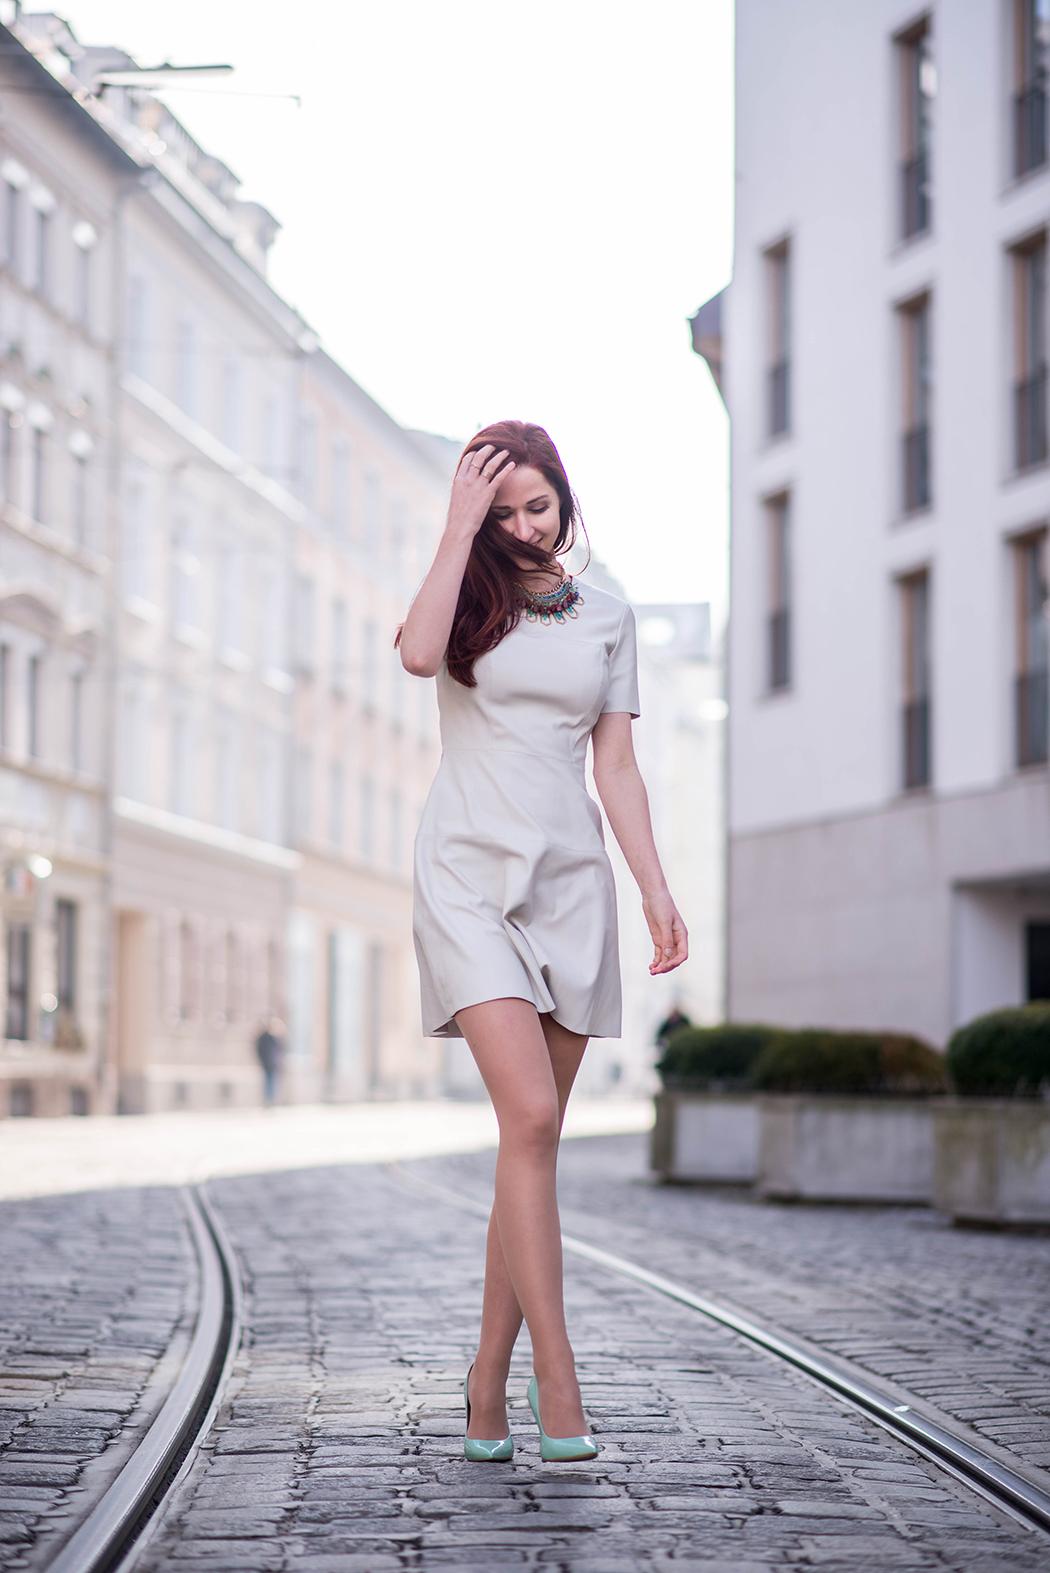 Lederkleid-beige-Zara-mint-Heels-Chloe-Marcie-weinrot-Fashionblogger-München-Fashionblog-Deutschland-Lindarella-13-web